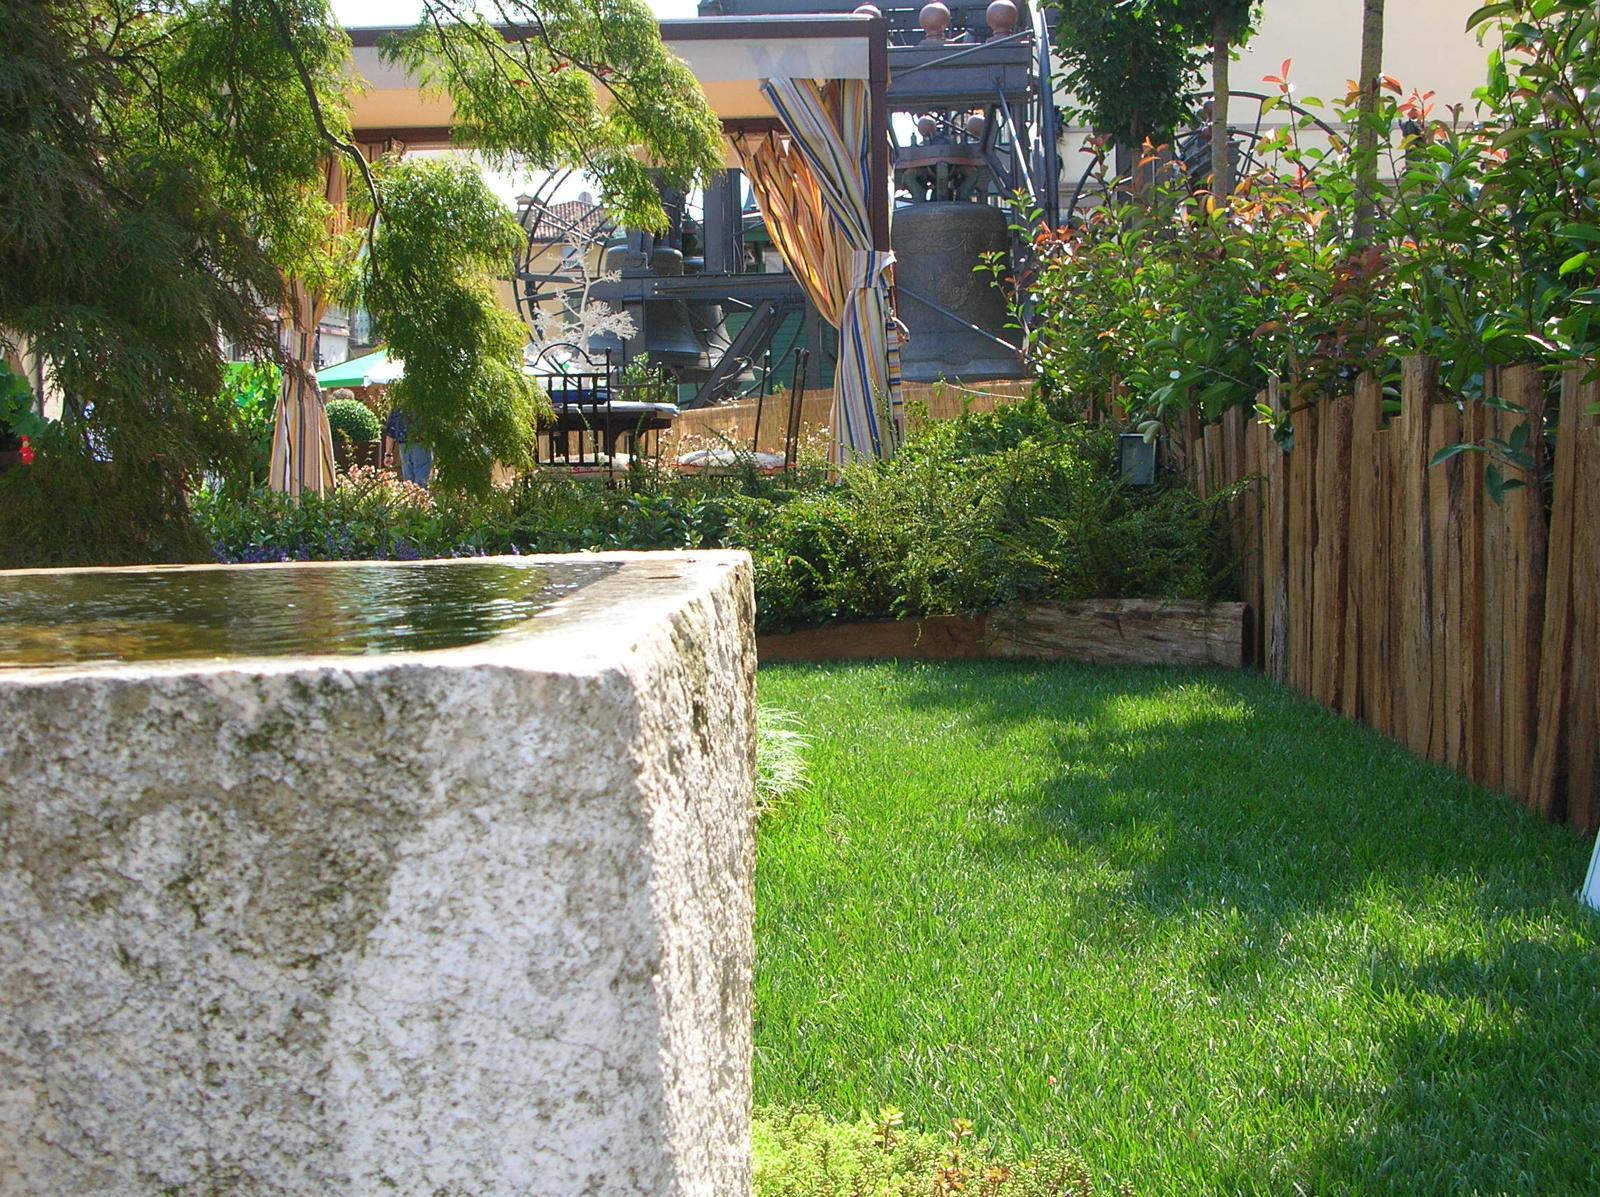 realizzazione giardini pubblici e privati, completi di impianti di irrigazione brescia